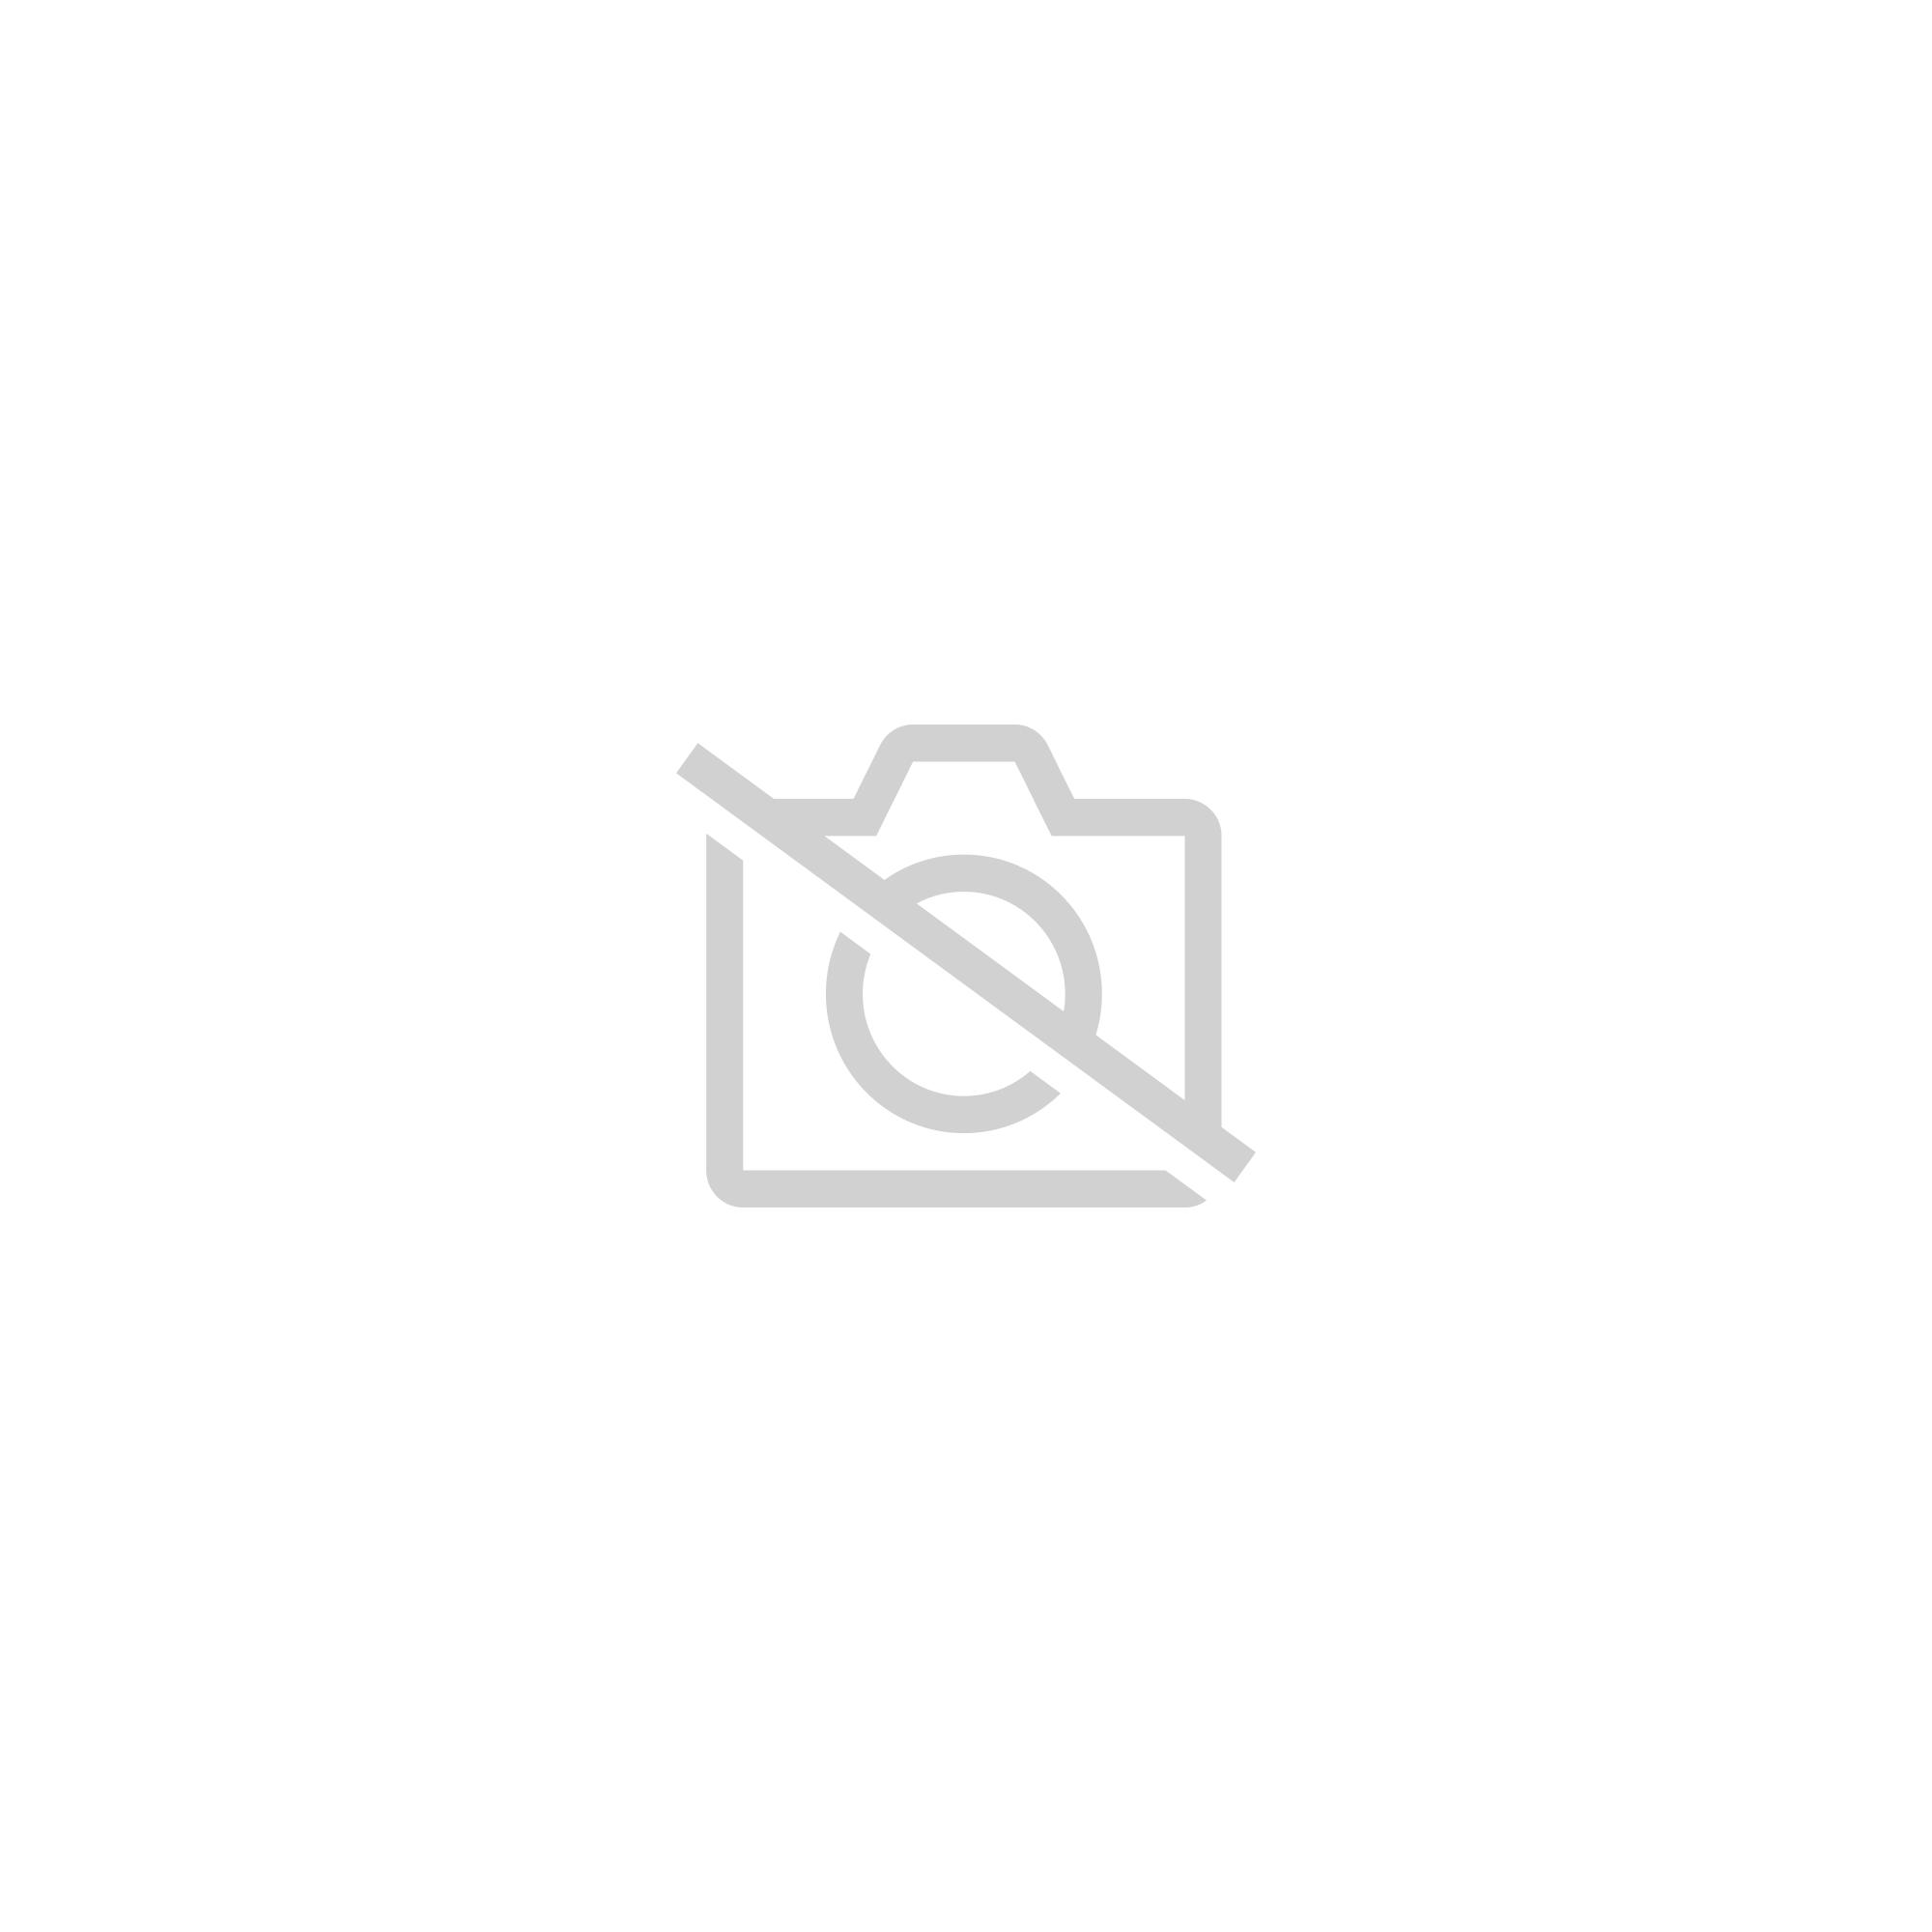 Bouton home noir pour Apple Ipad 3